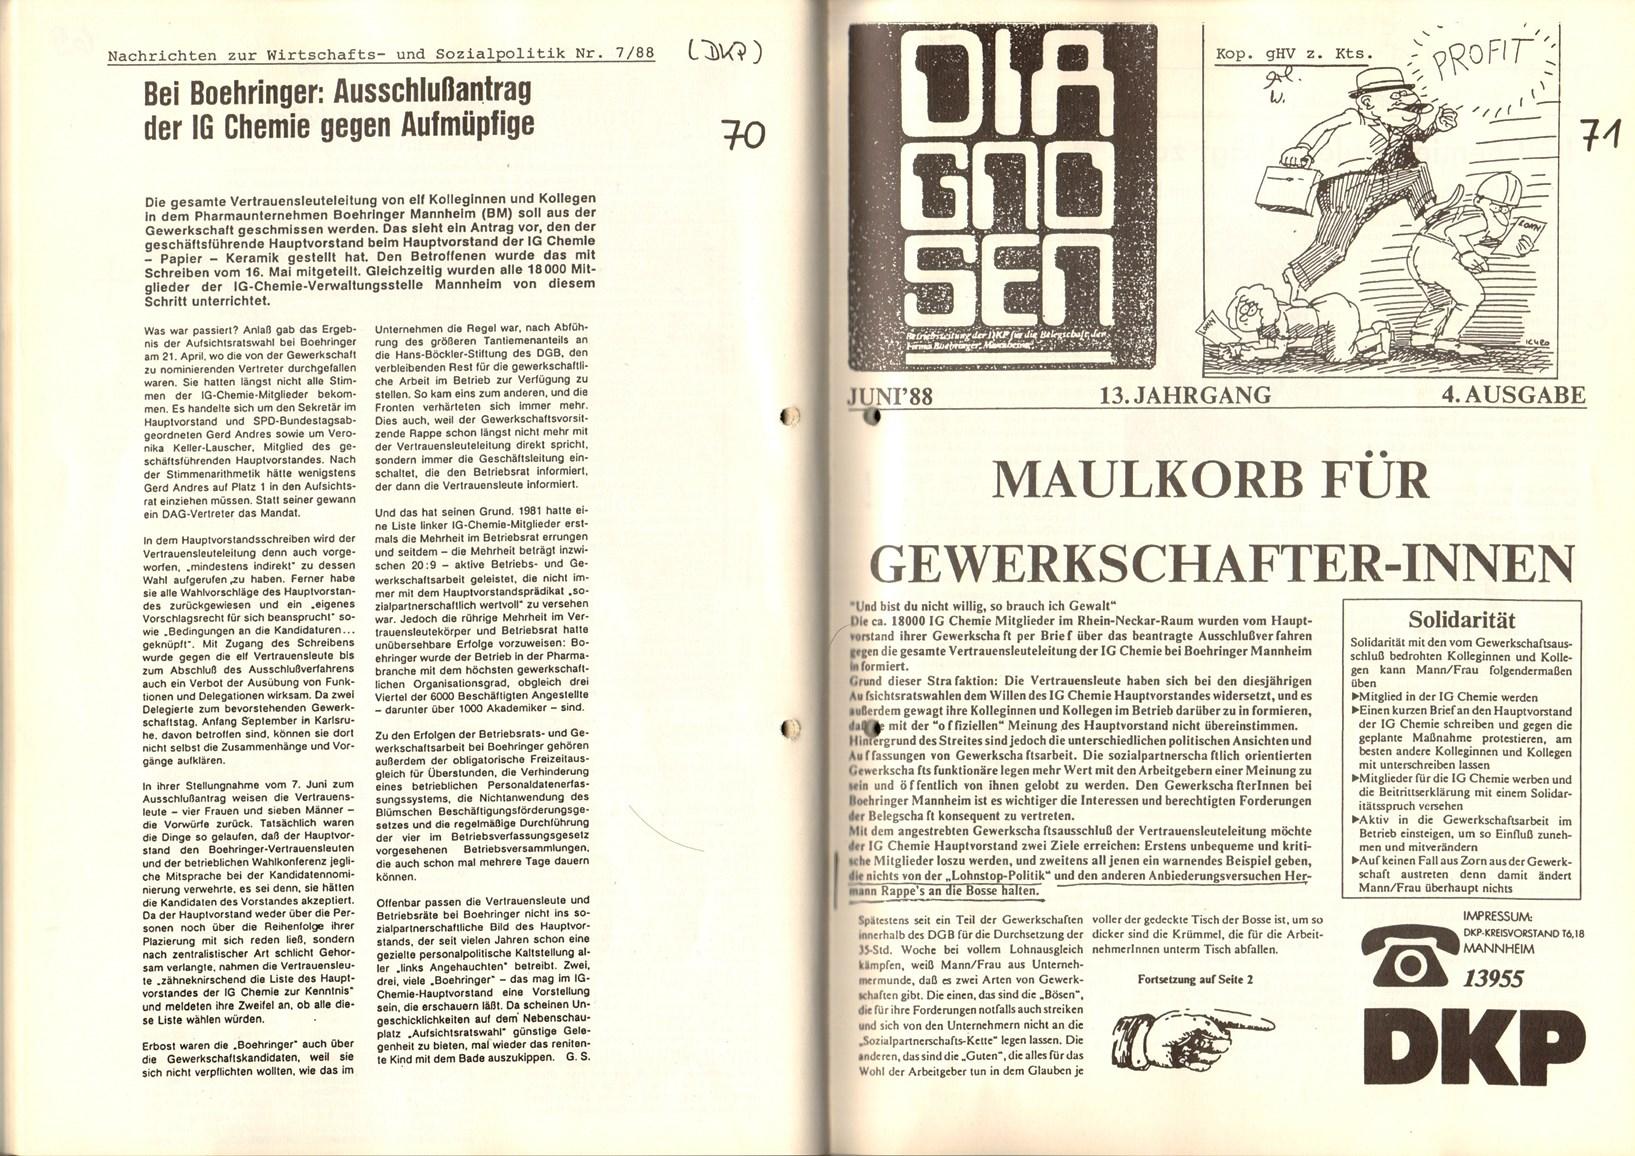 Mannheim_Boehringer_Ausschluss_VKL_Doku1_1988_61